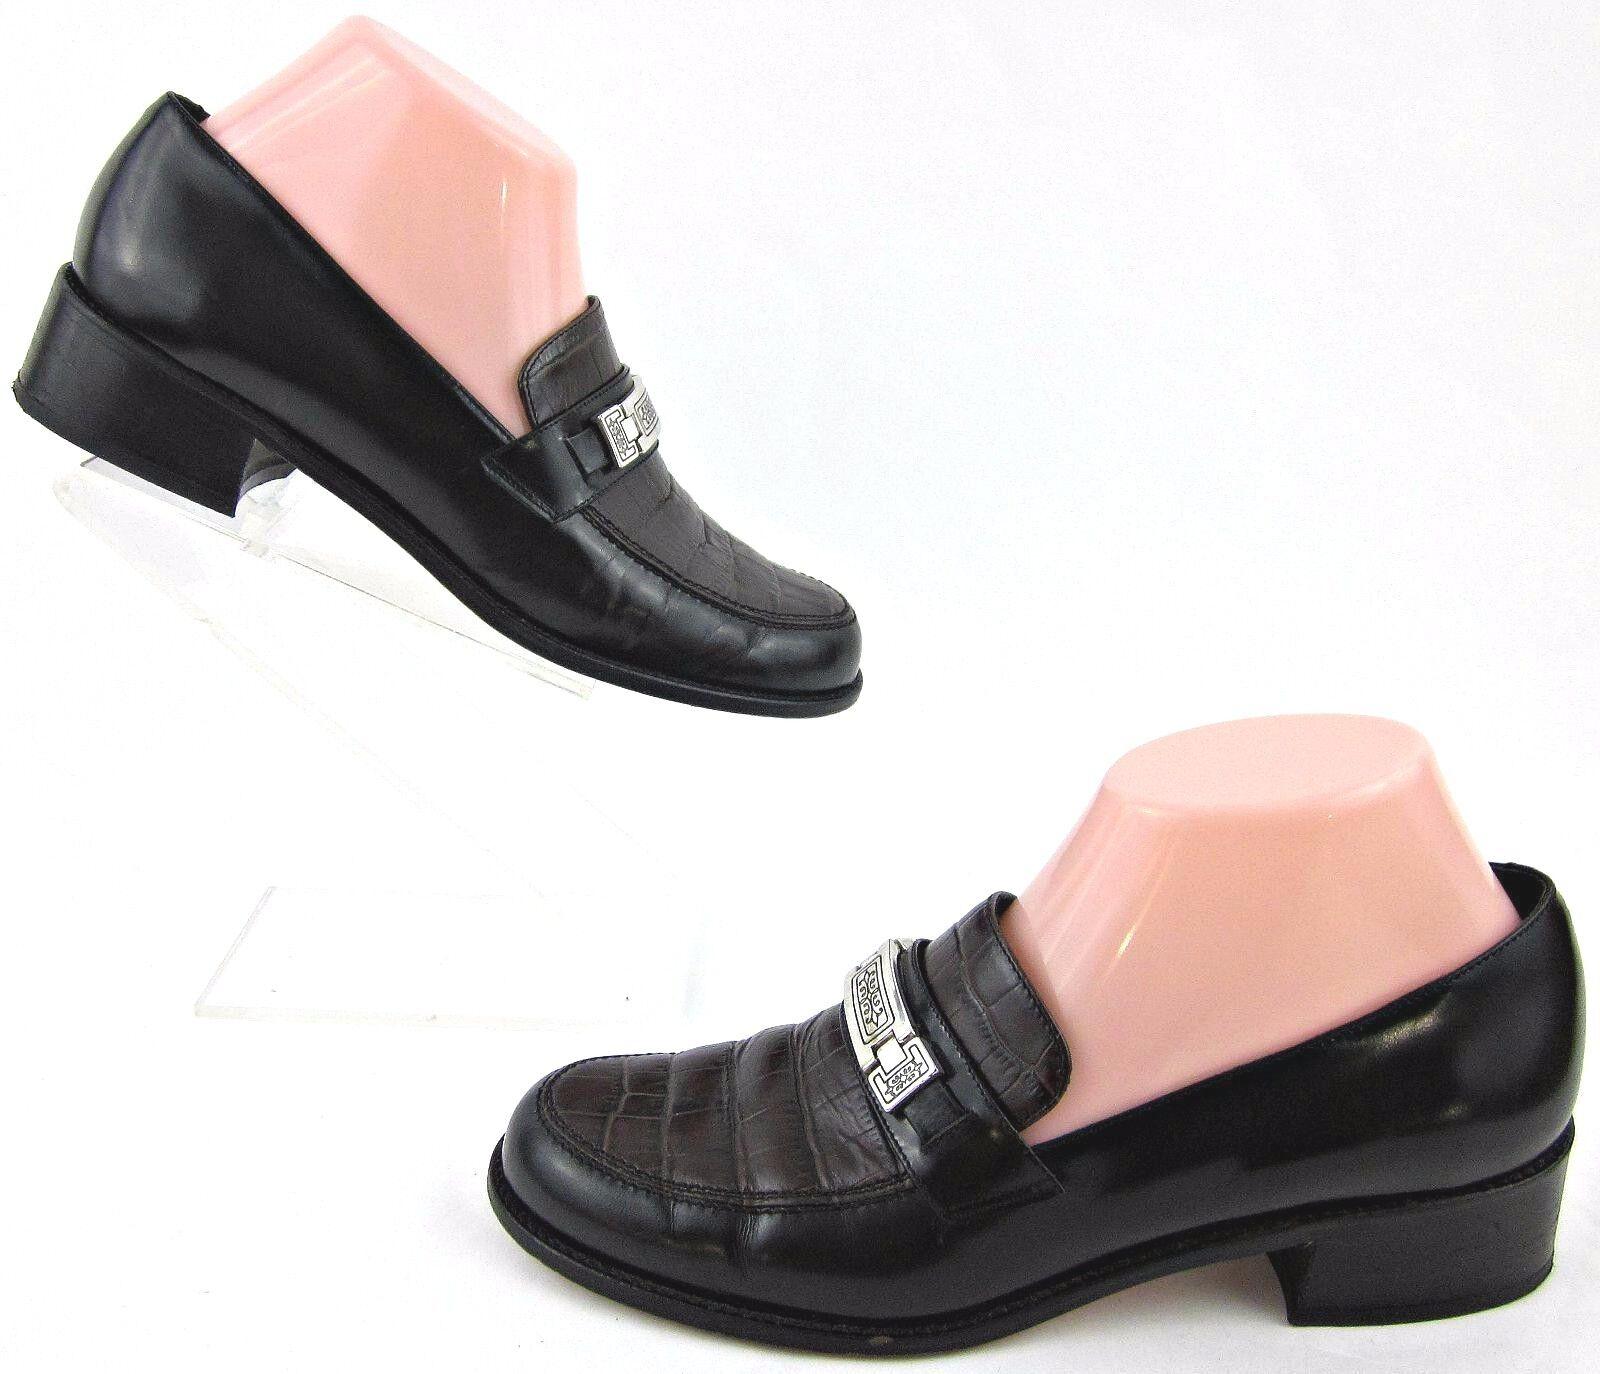 Brighton 'Diane' Loafers nero Marronee Leather 7.5M fatto In